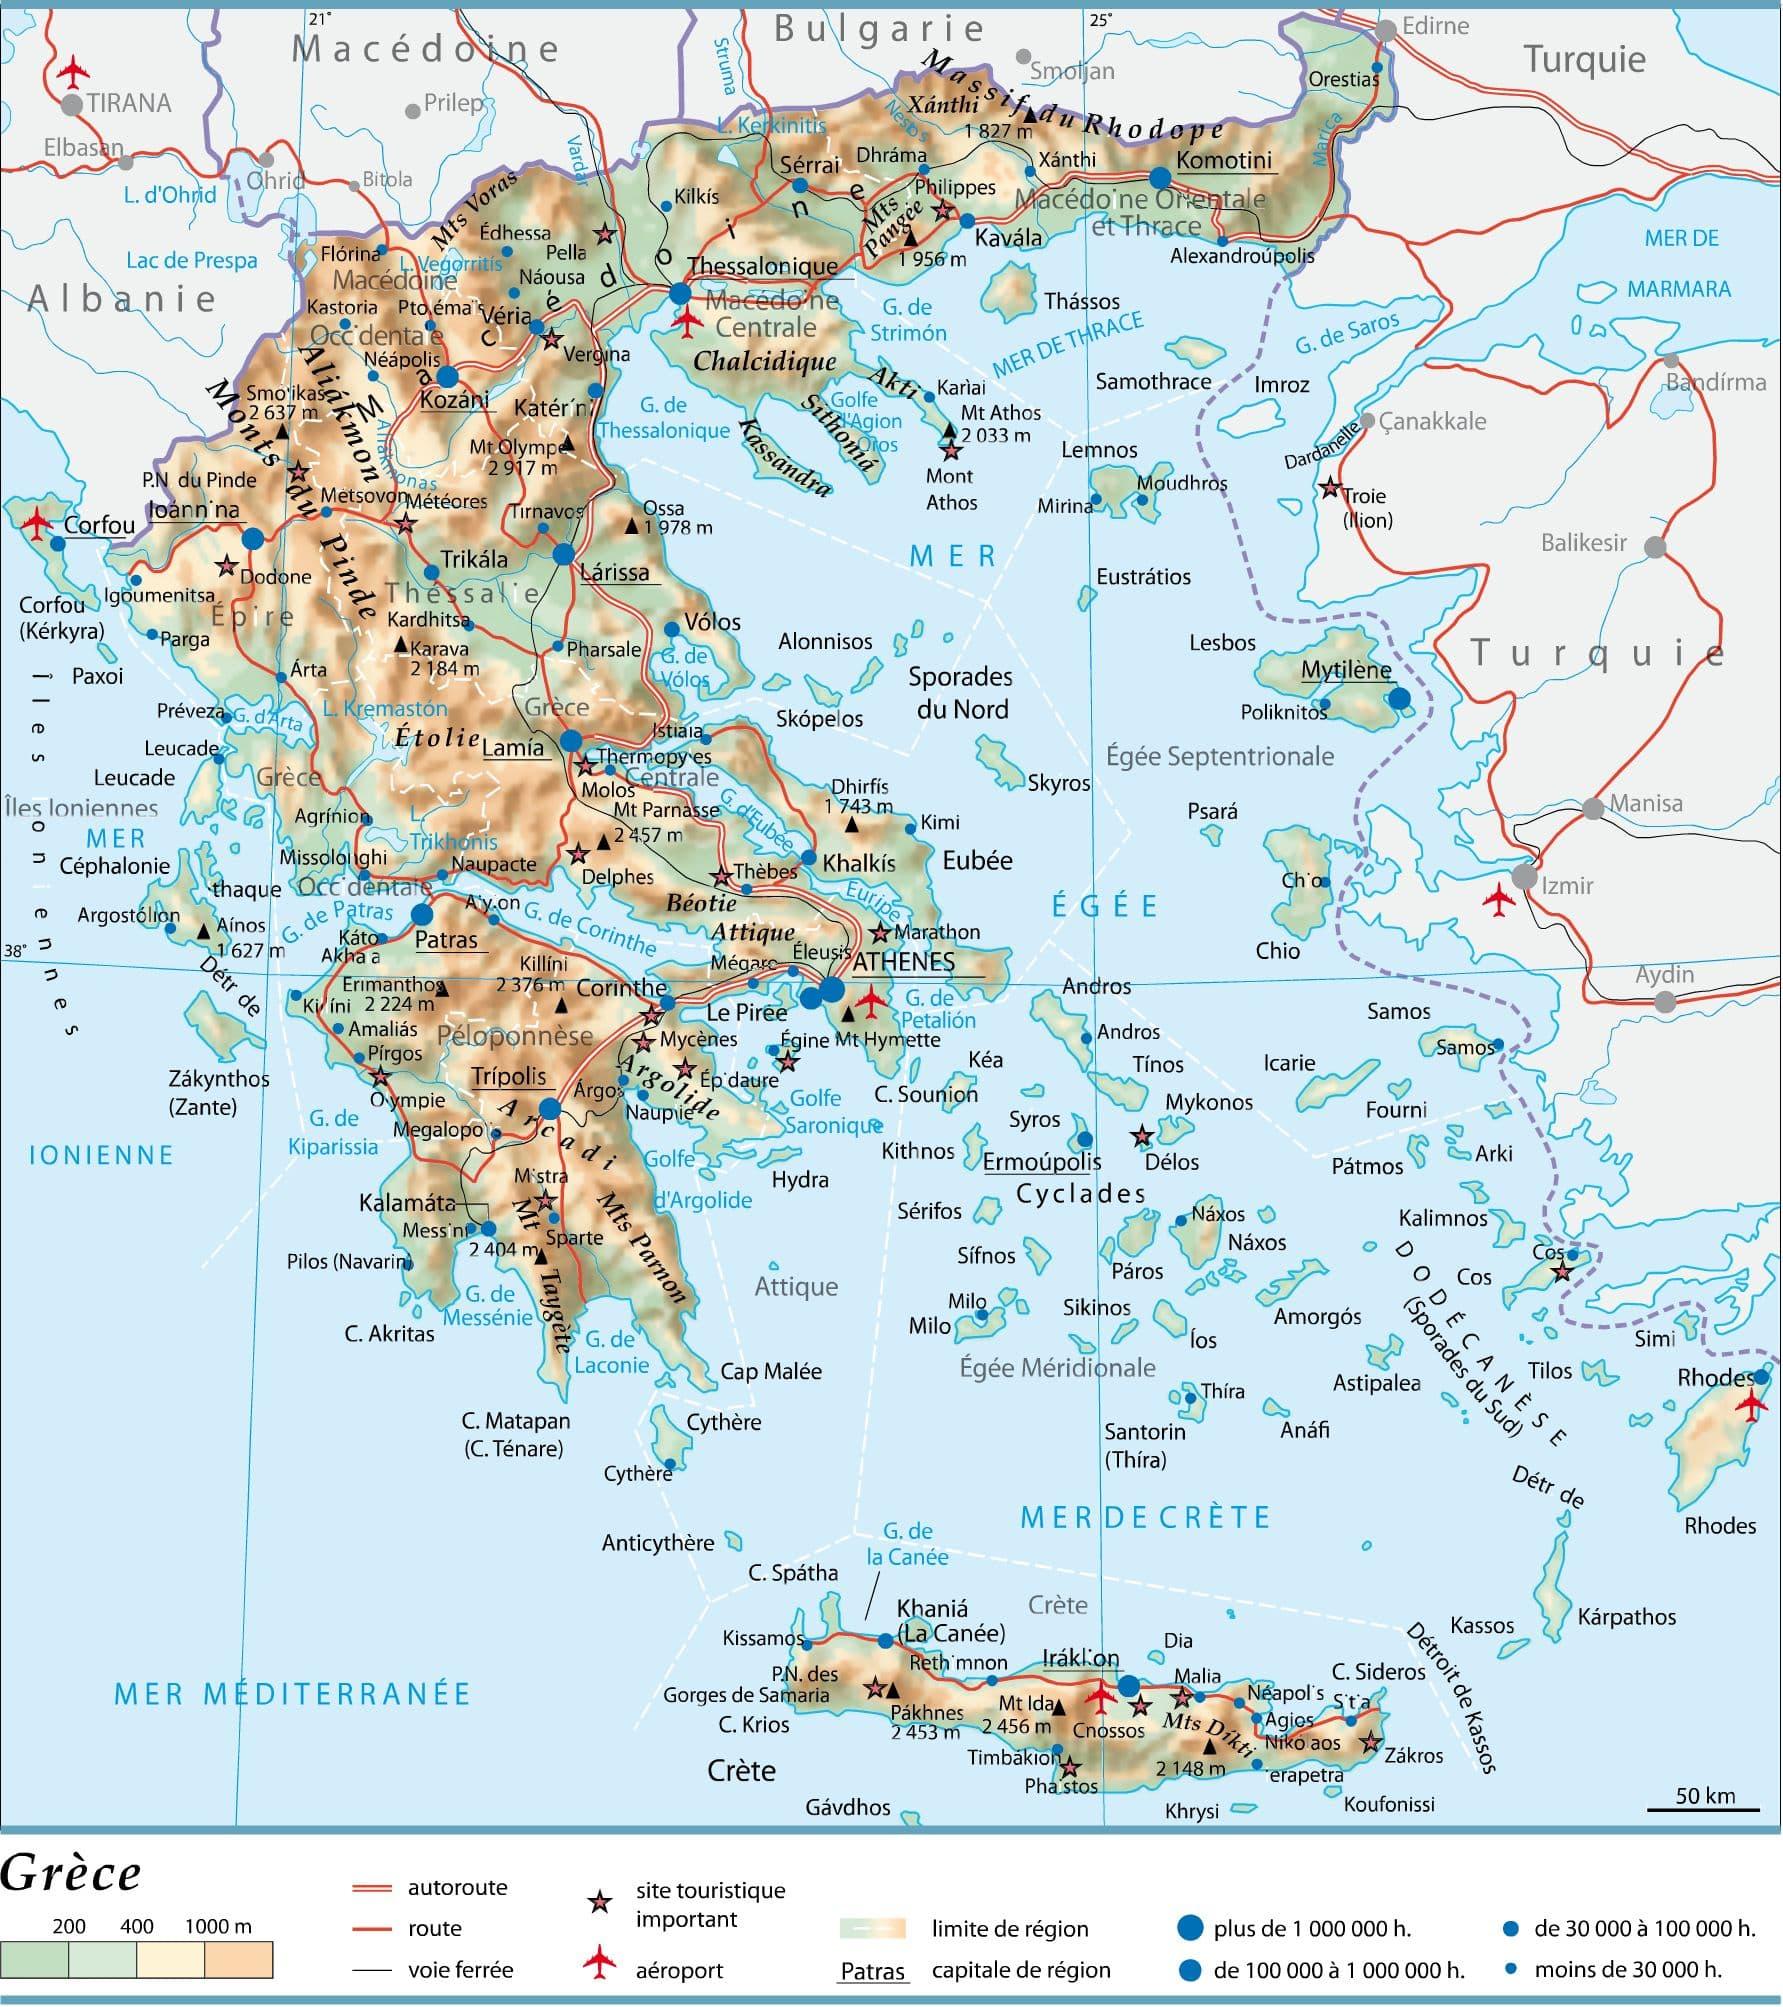 Encyclopédie Larousse en ligne   Grèce